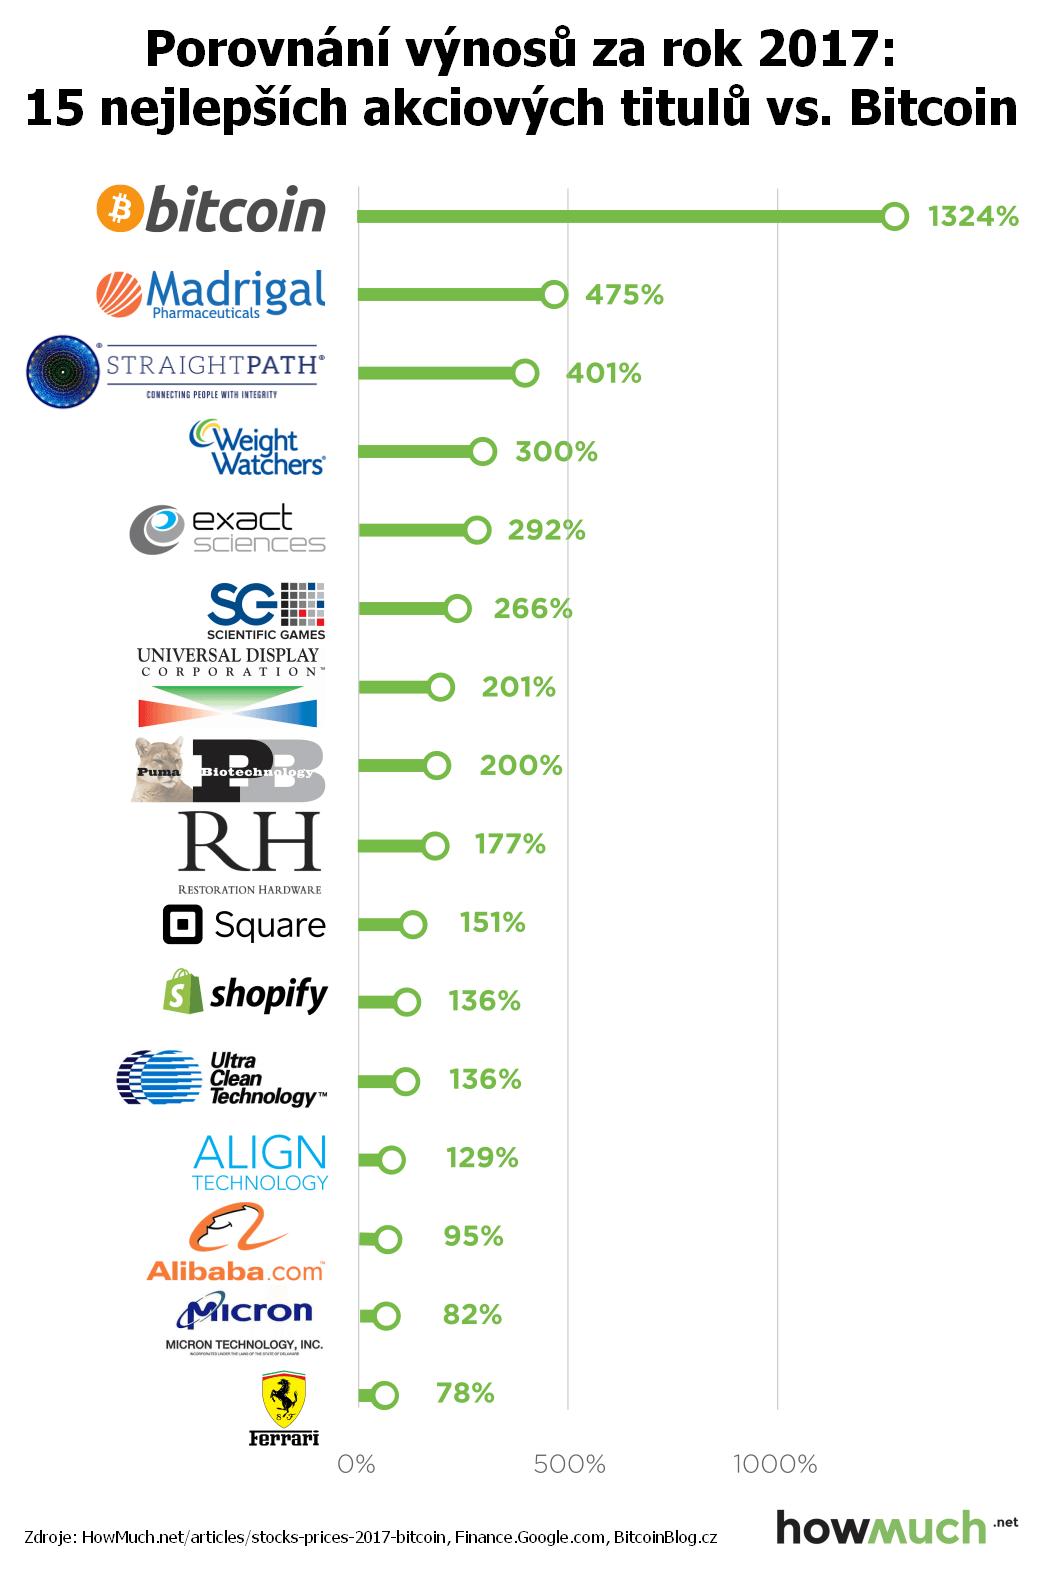 Infografický pruhový žebříček: Porovnání výnosů nejlepších akcií a Bitcoinu (za rok 2017)